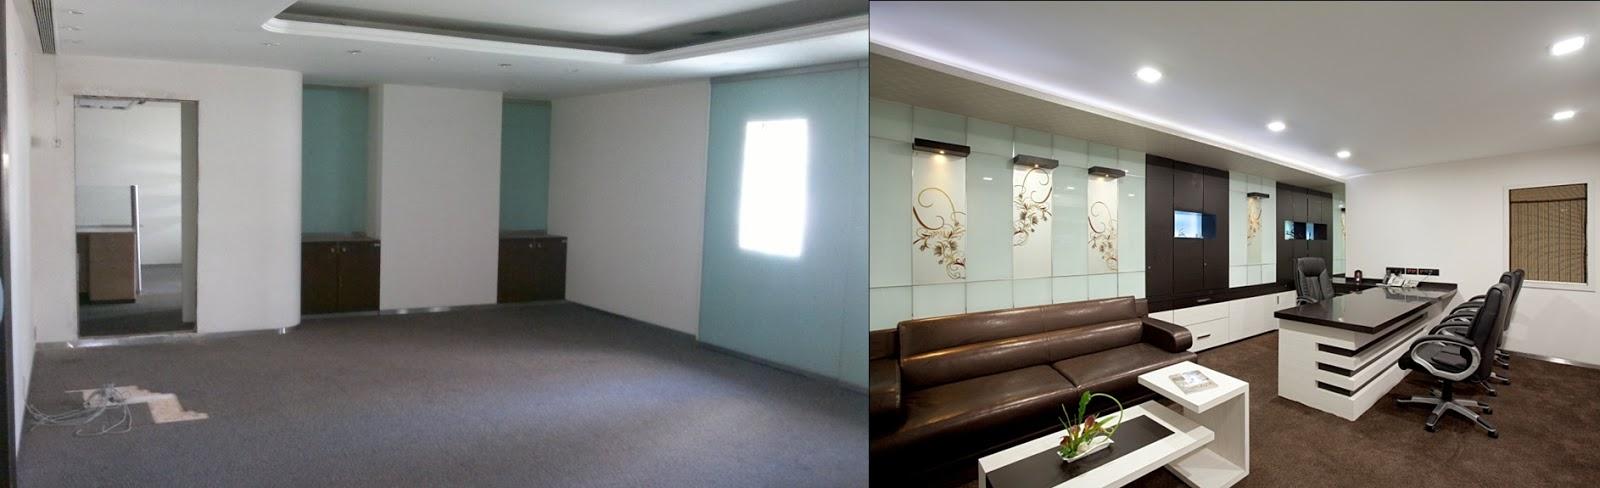 Top 10 residential interior designers in mumbai for Interior designers in navi mumbai